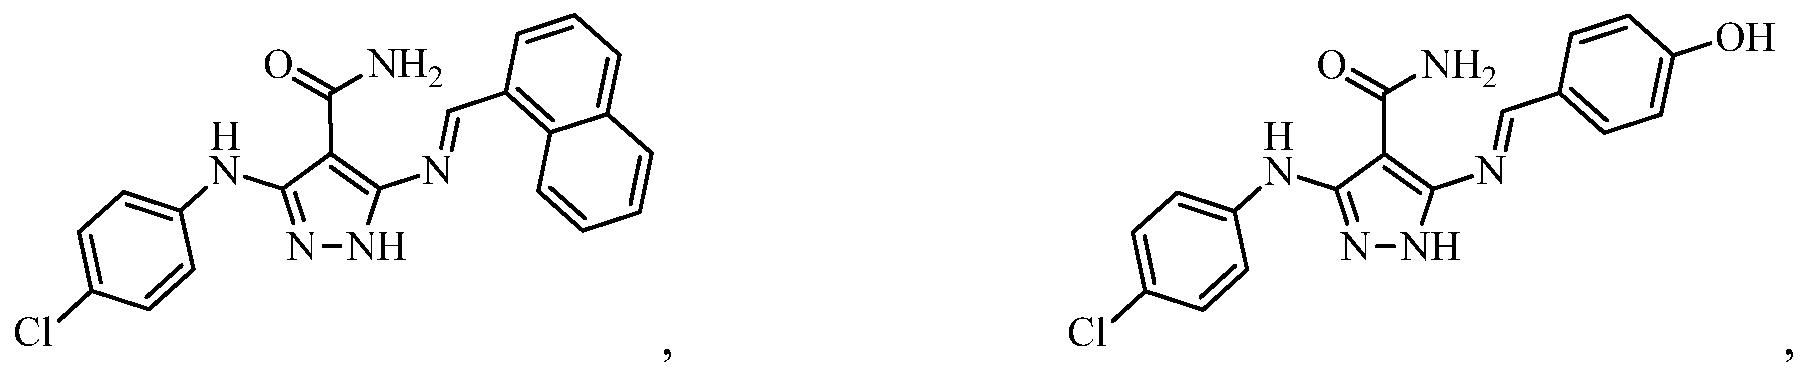 Figure imgf000172_0004